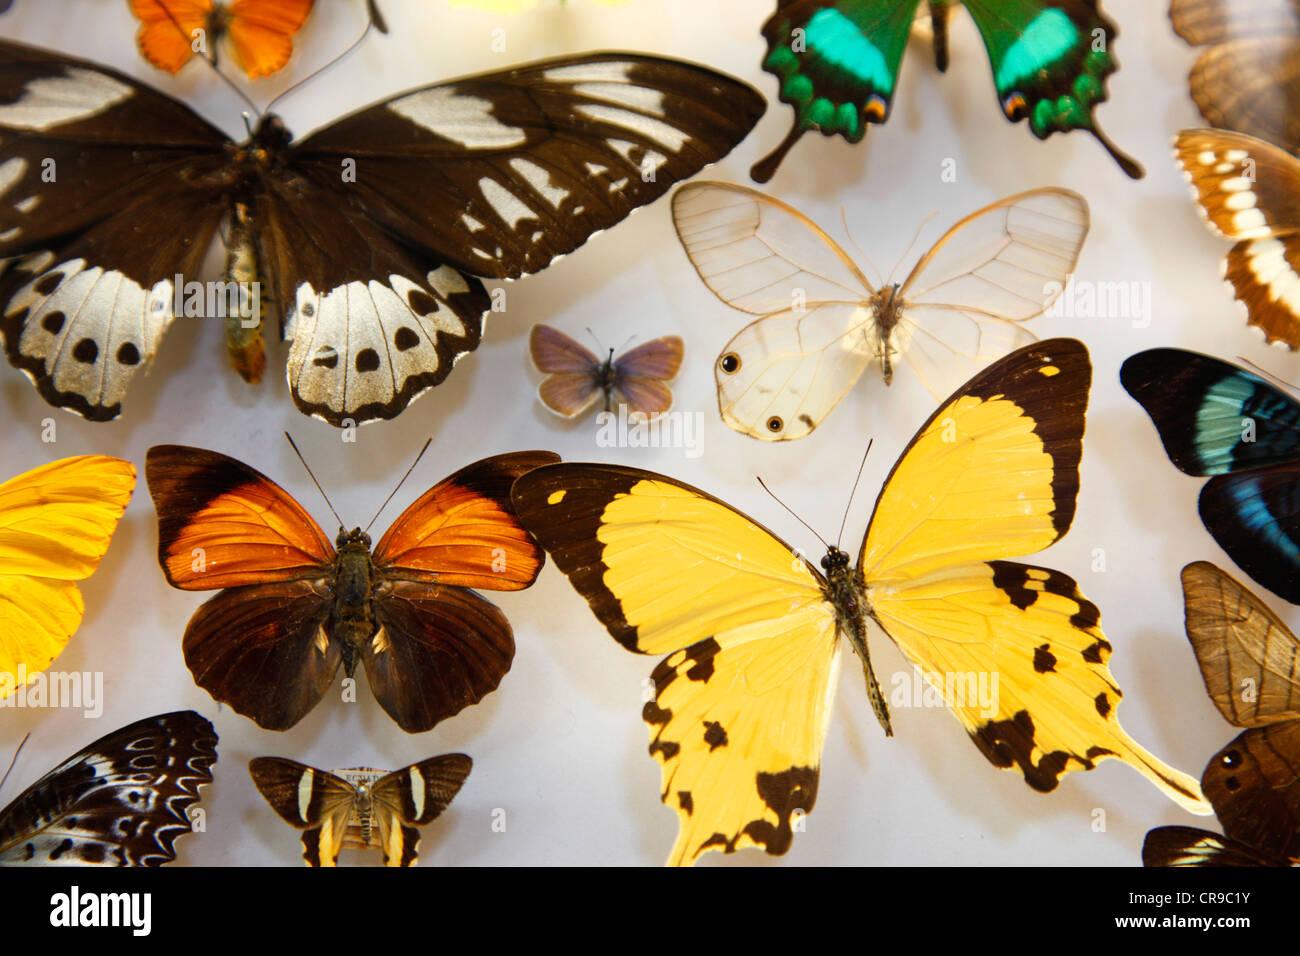 Sammlung von Insekten, Schmetterlinge, Schmetterlinge, Käfer aus ...